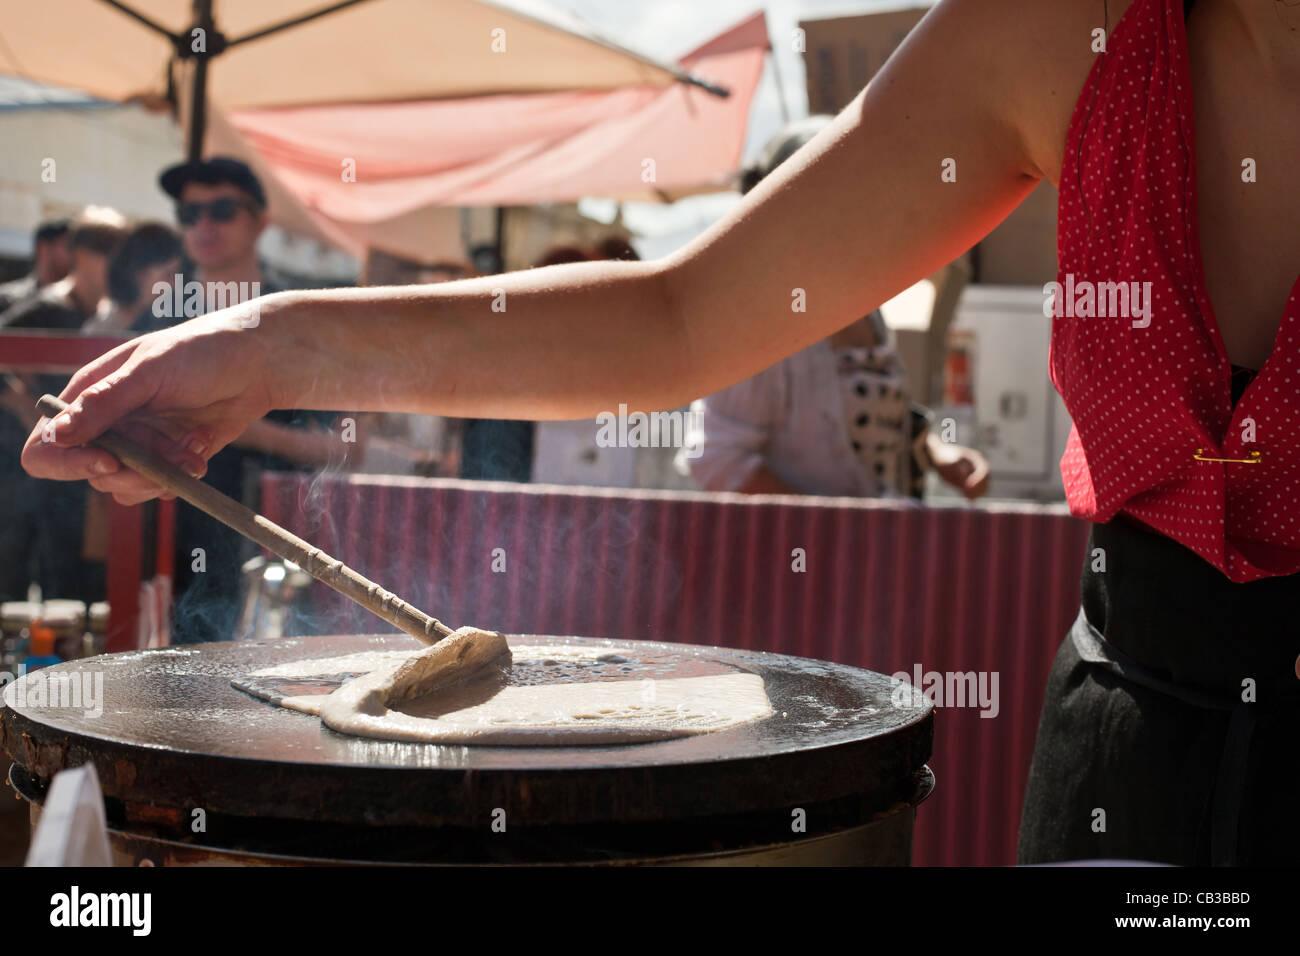 High Noon comunità festival è un locale Northcote Music Fest di Melbourne, Australia rendendo il cibo sulla strada. crepes Foto Stock